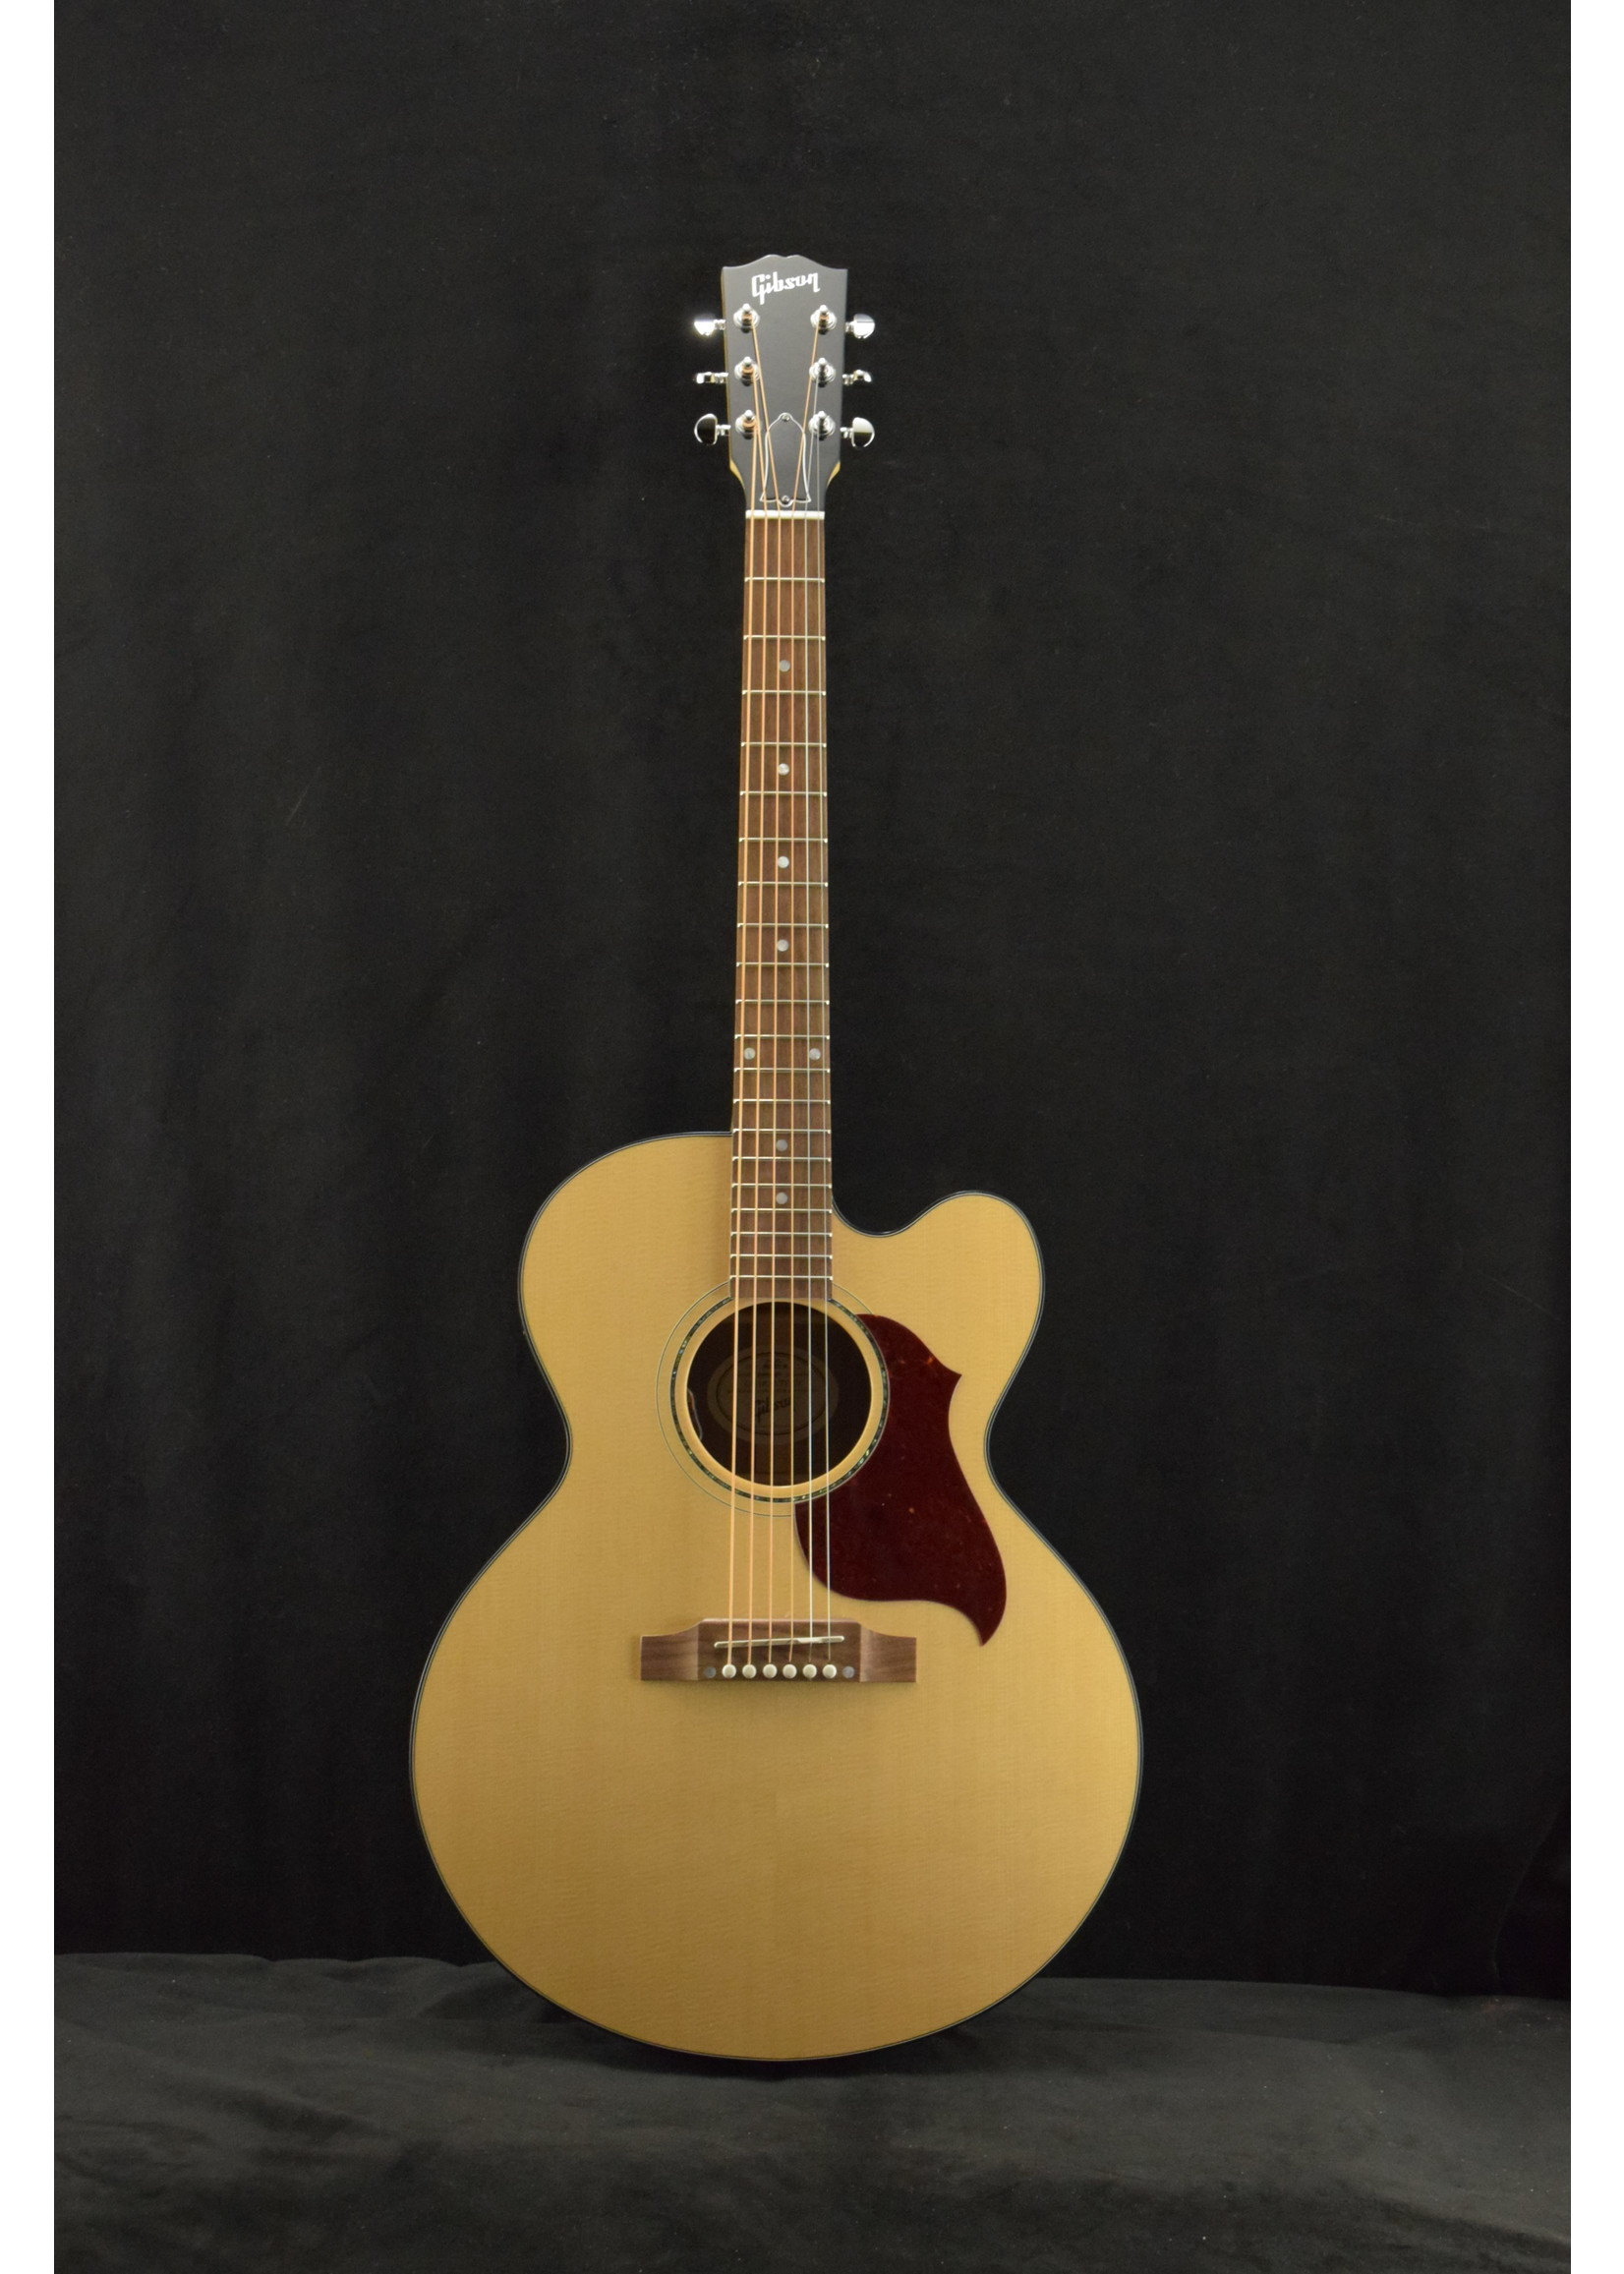 Gibson Gibson J-185 EC Modern Walnut Antique Natural